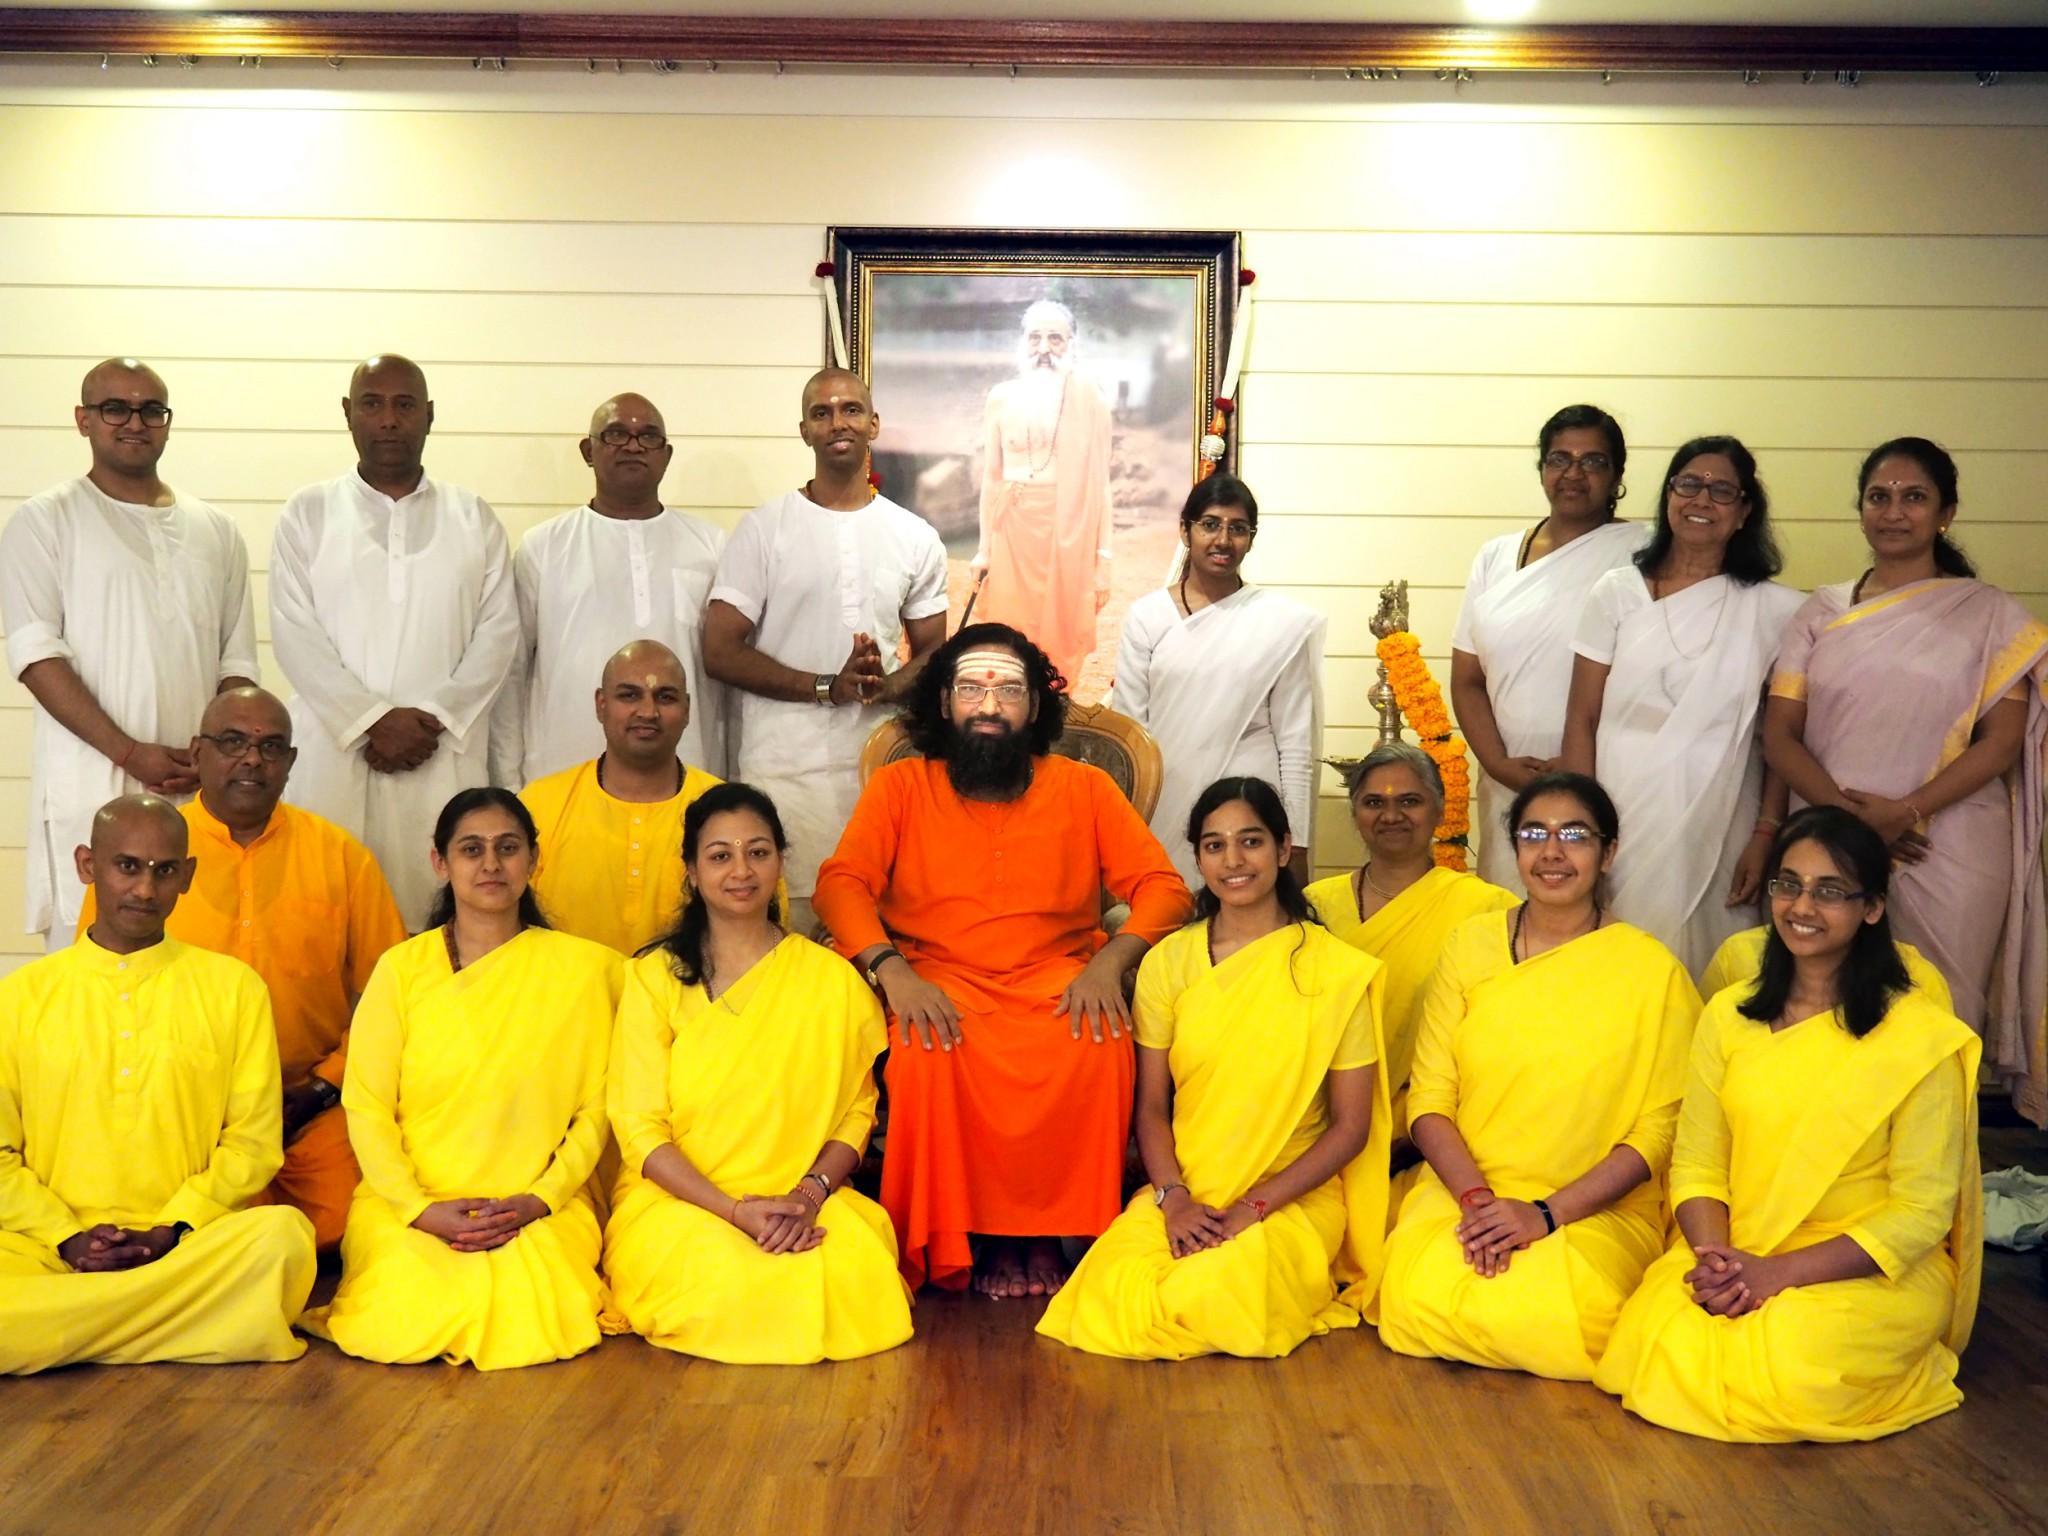 Brahmacharya Deeksha at Durban 2